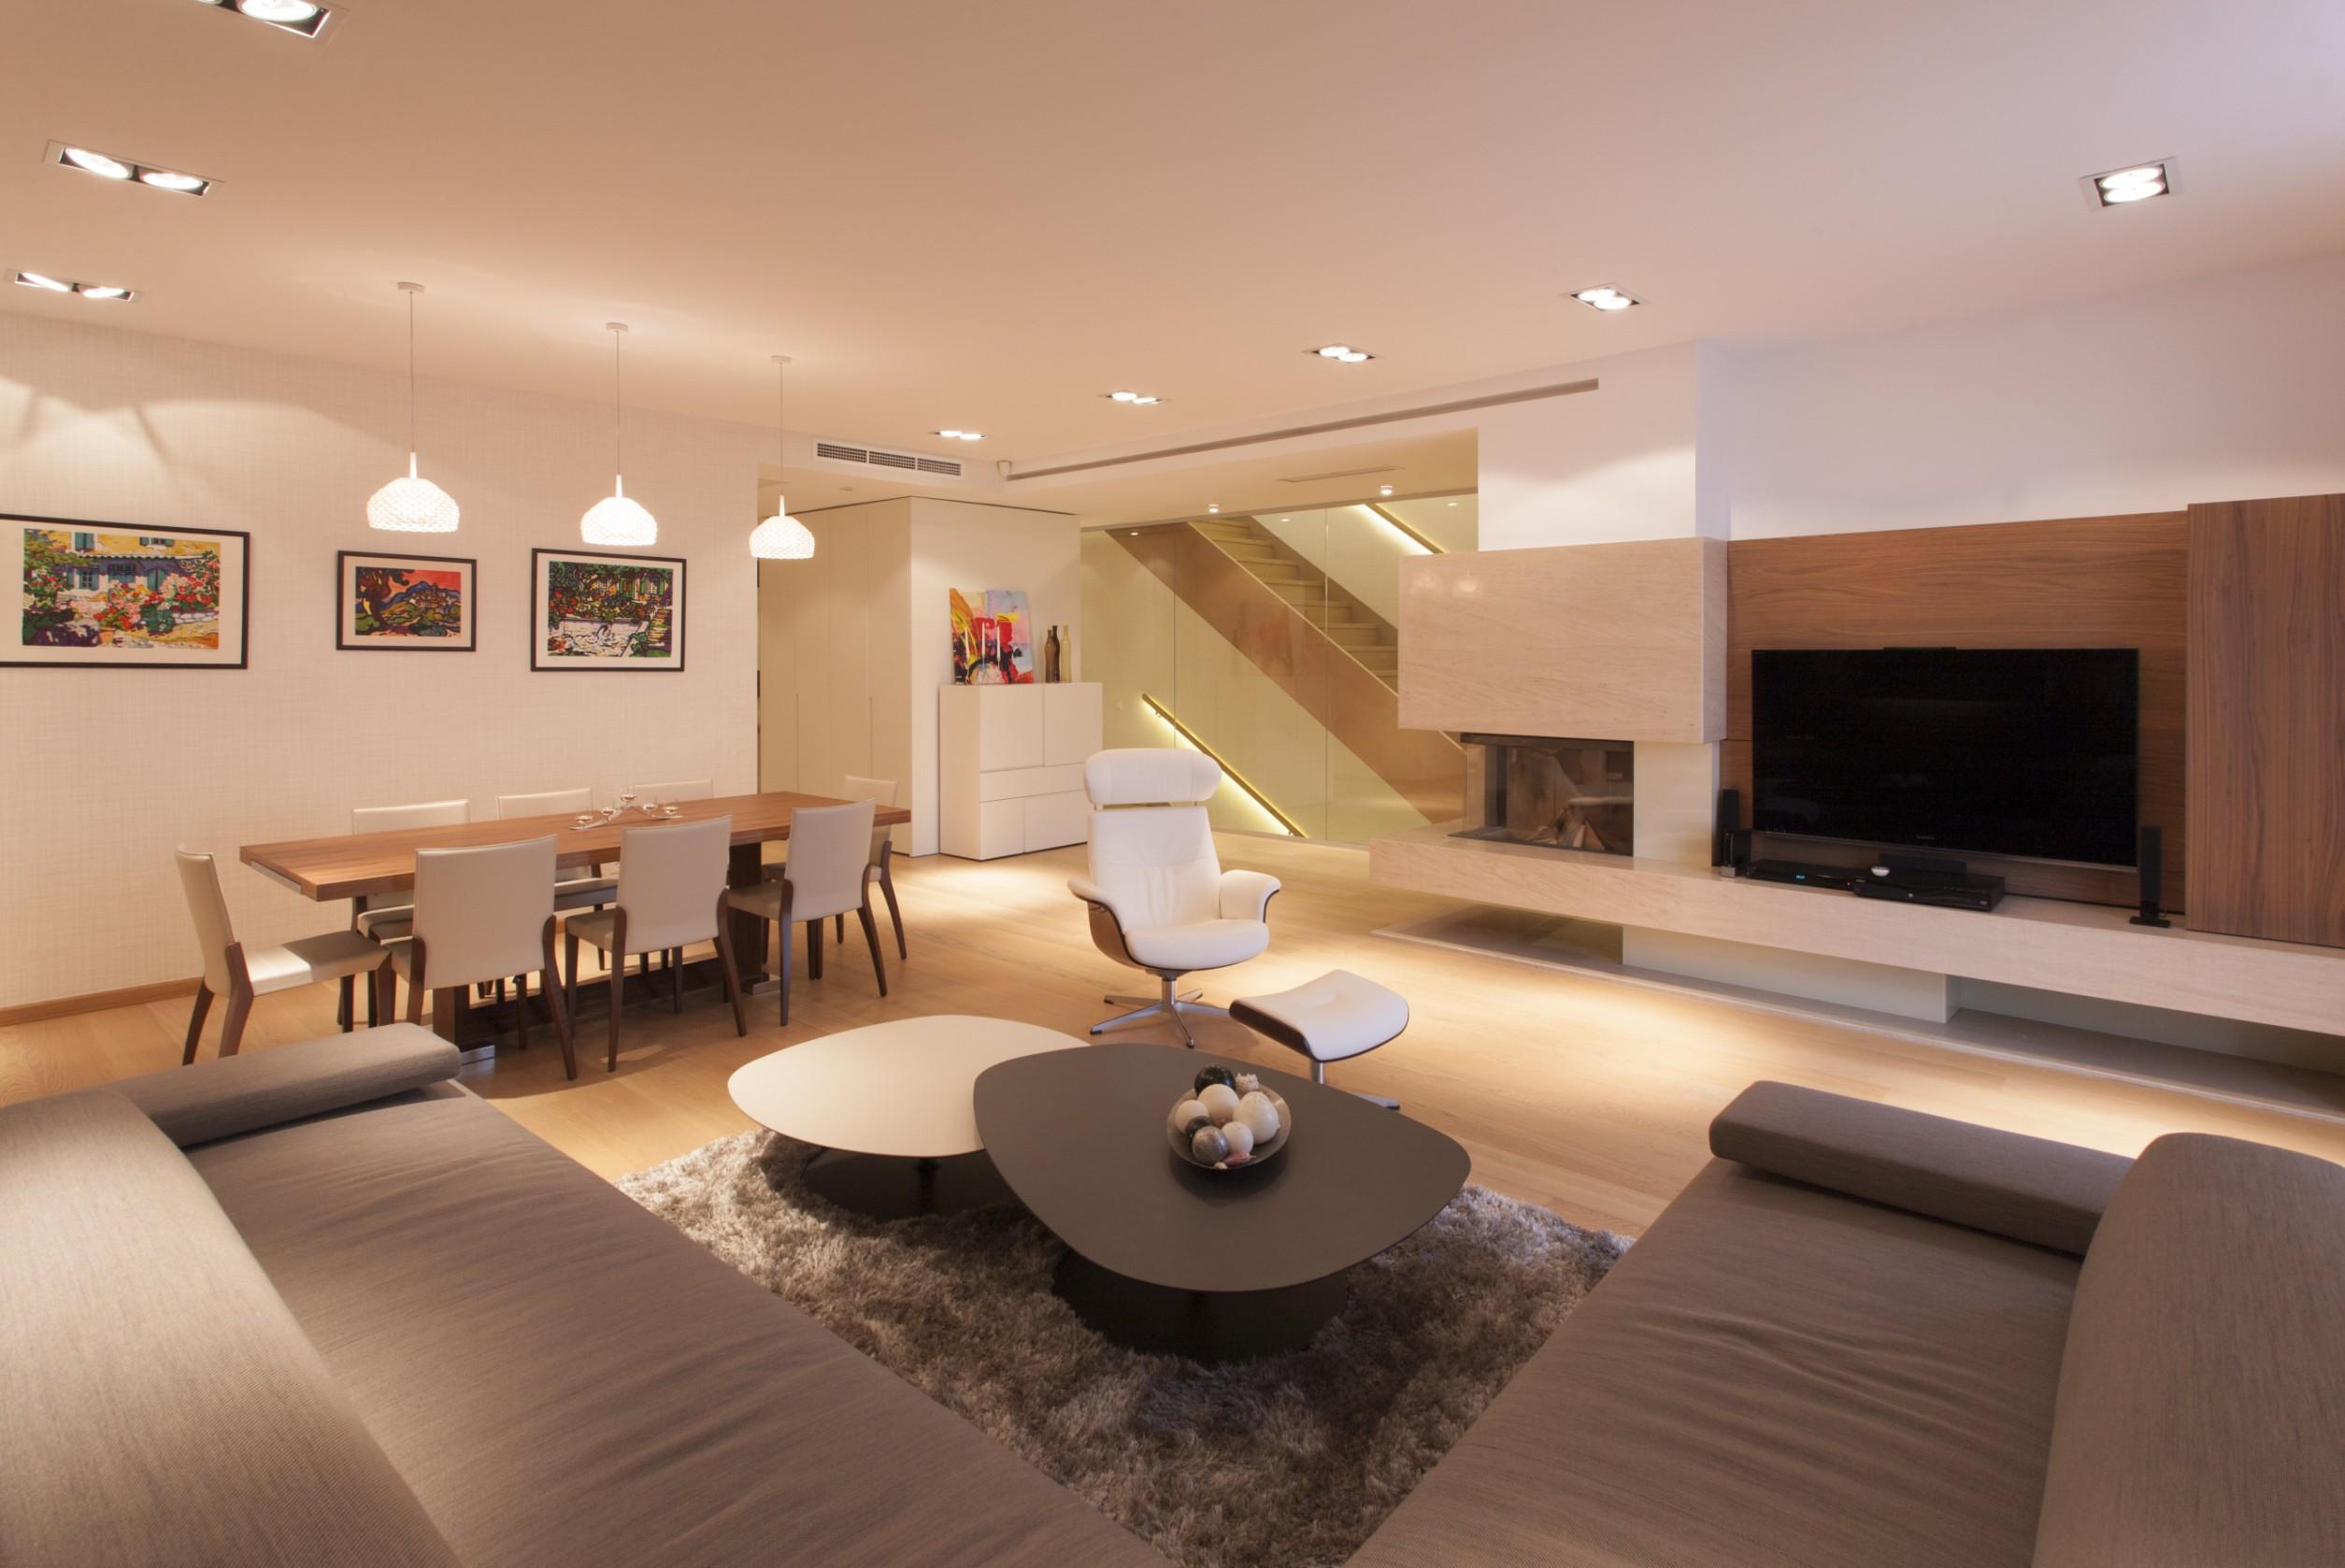 https://nbc-arhitect.ro/wp-content/uploads/2020/10/NBC-Arhitect-_-Petofi-Sandor-_-Housing-_-interior-design_14.jpg